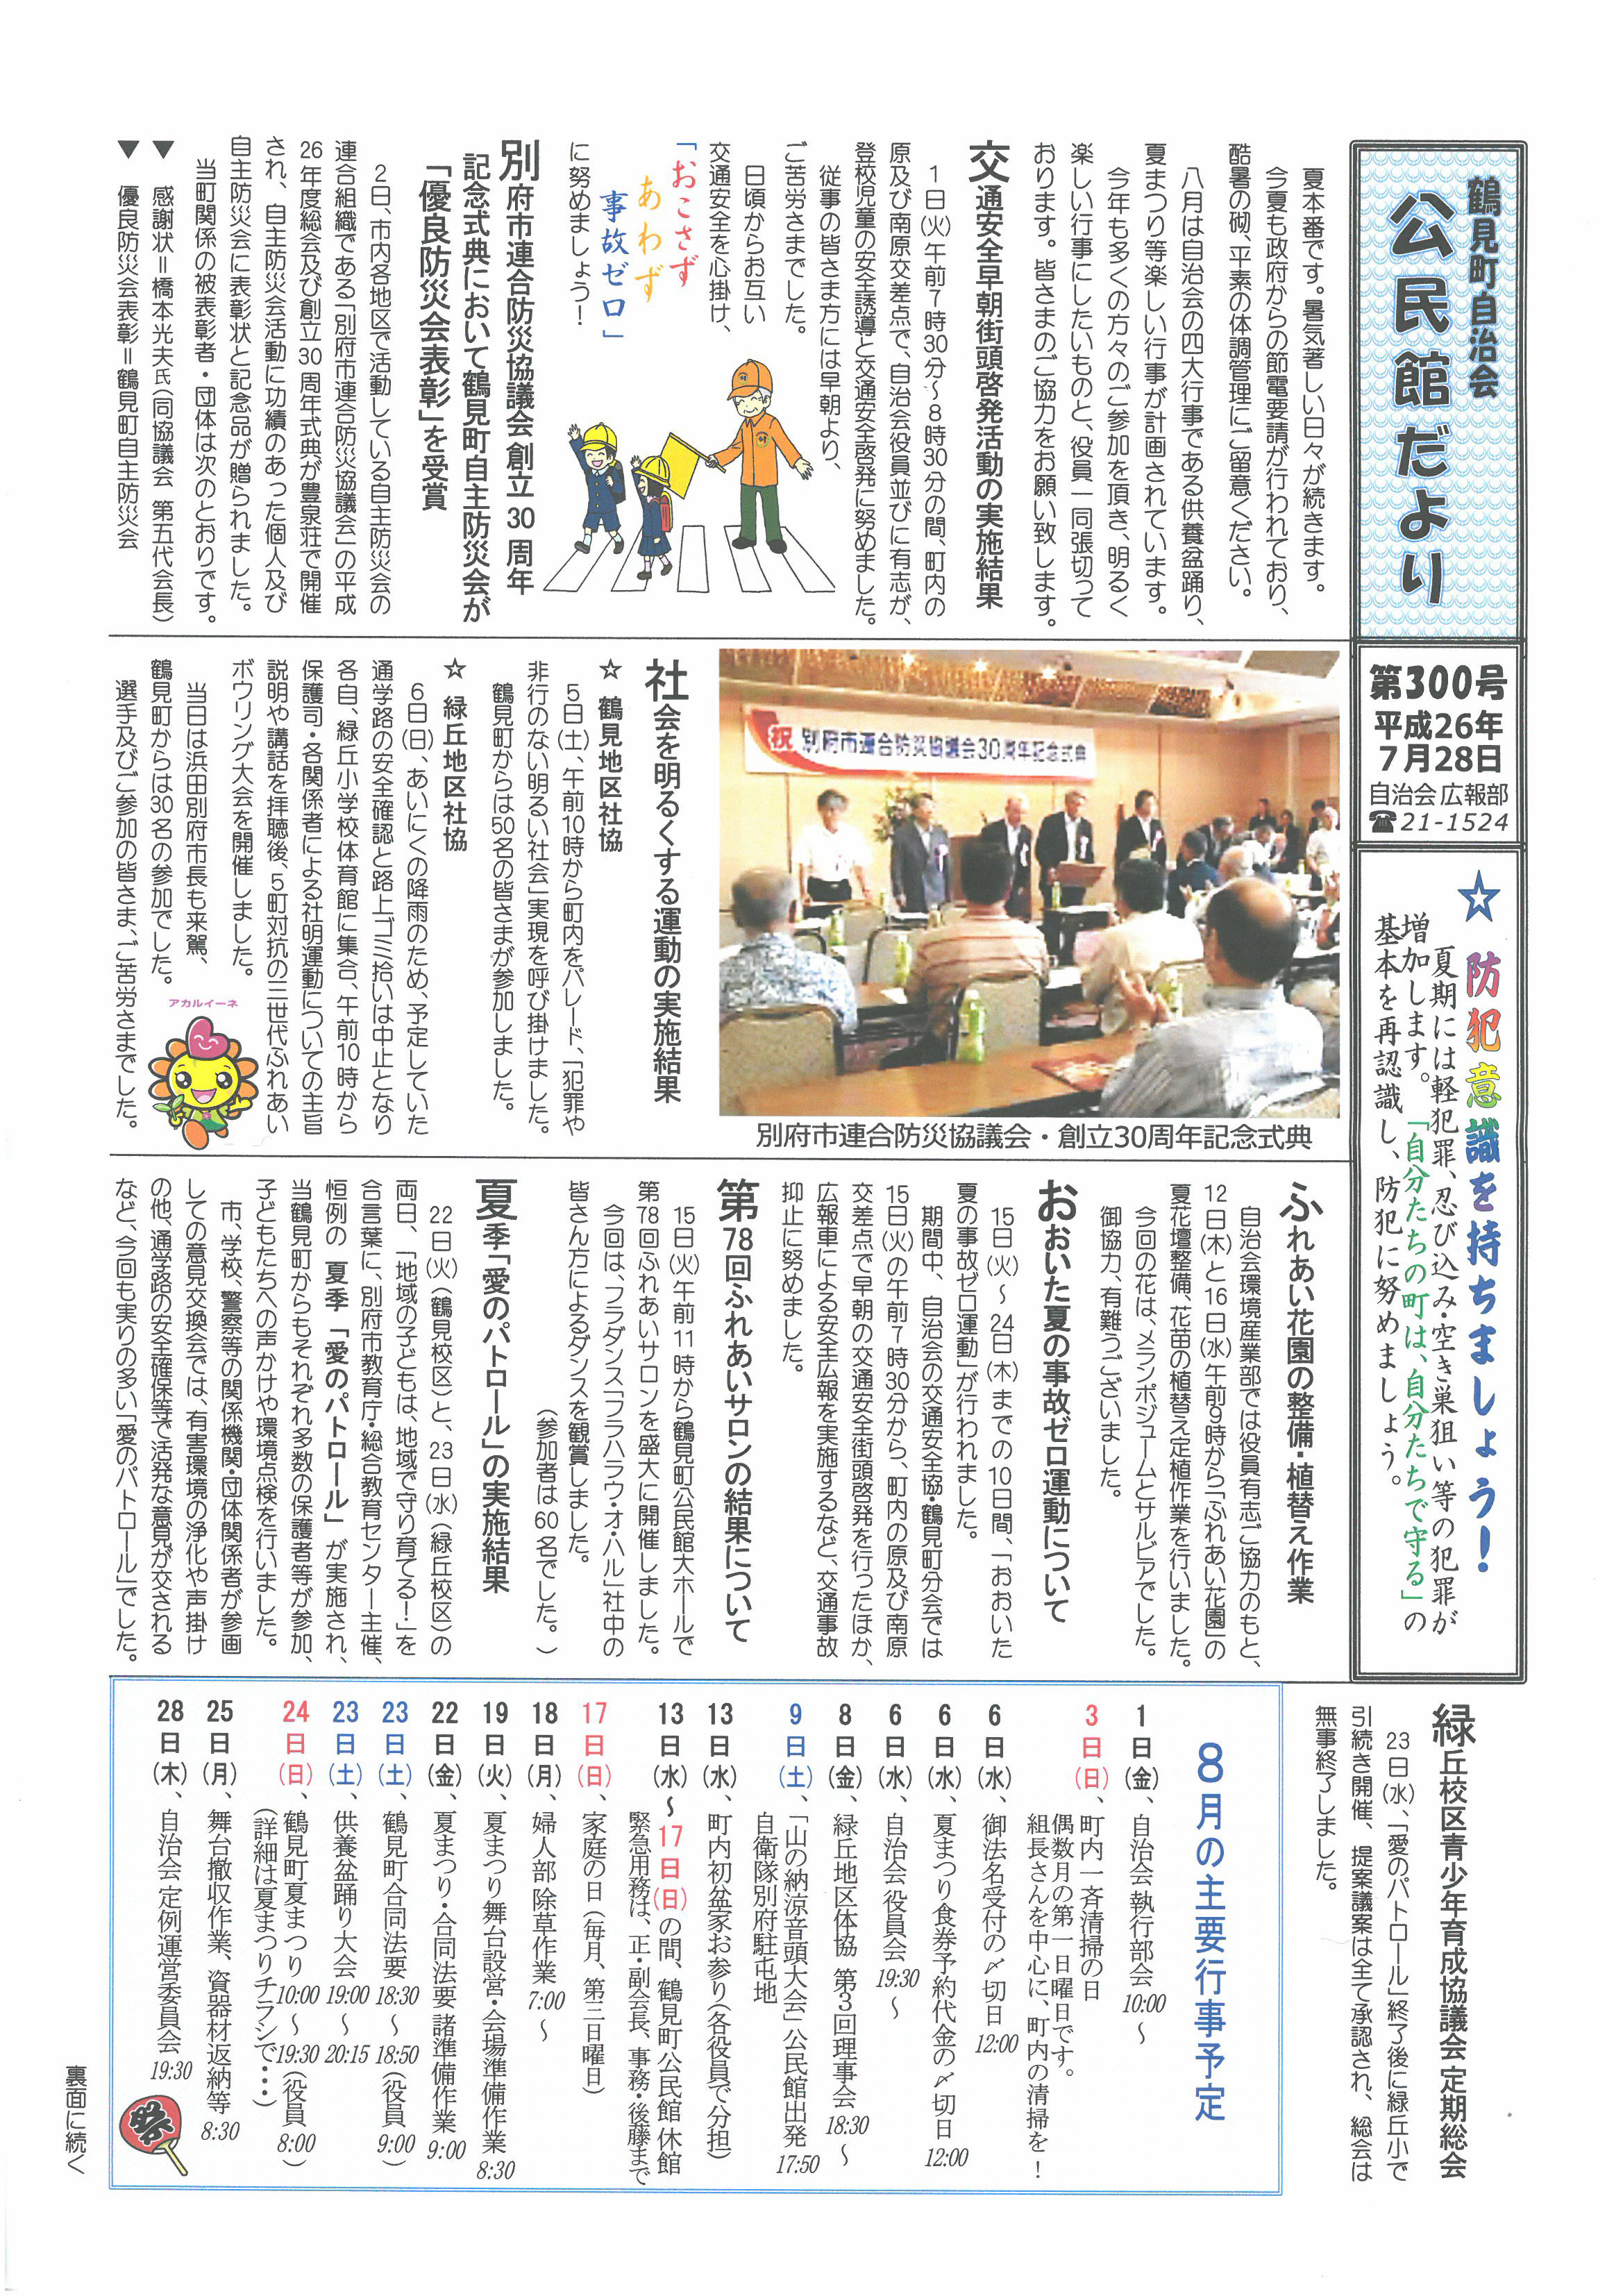 tsurumi2014_08_01